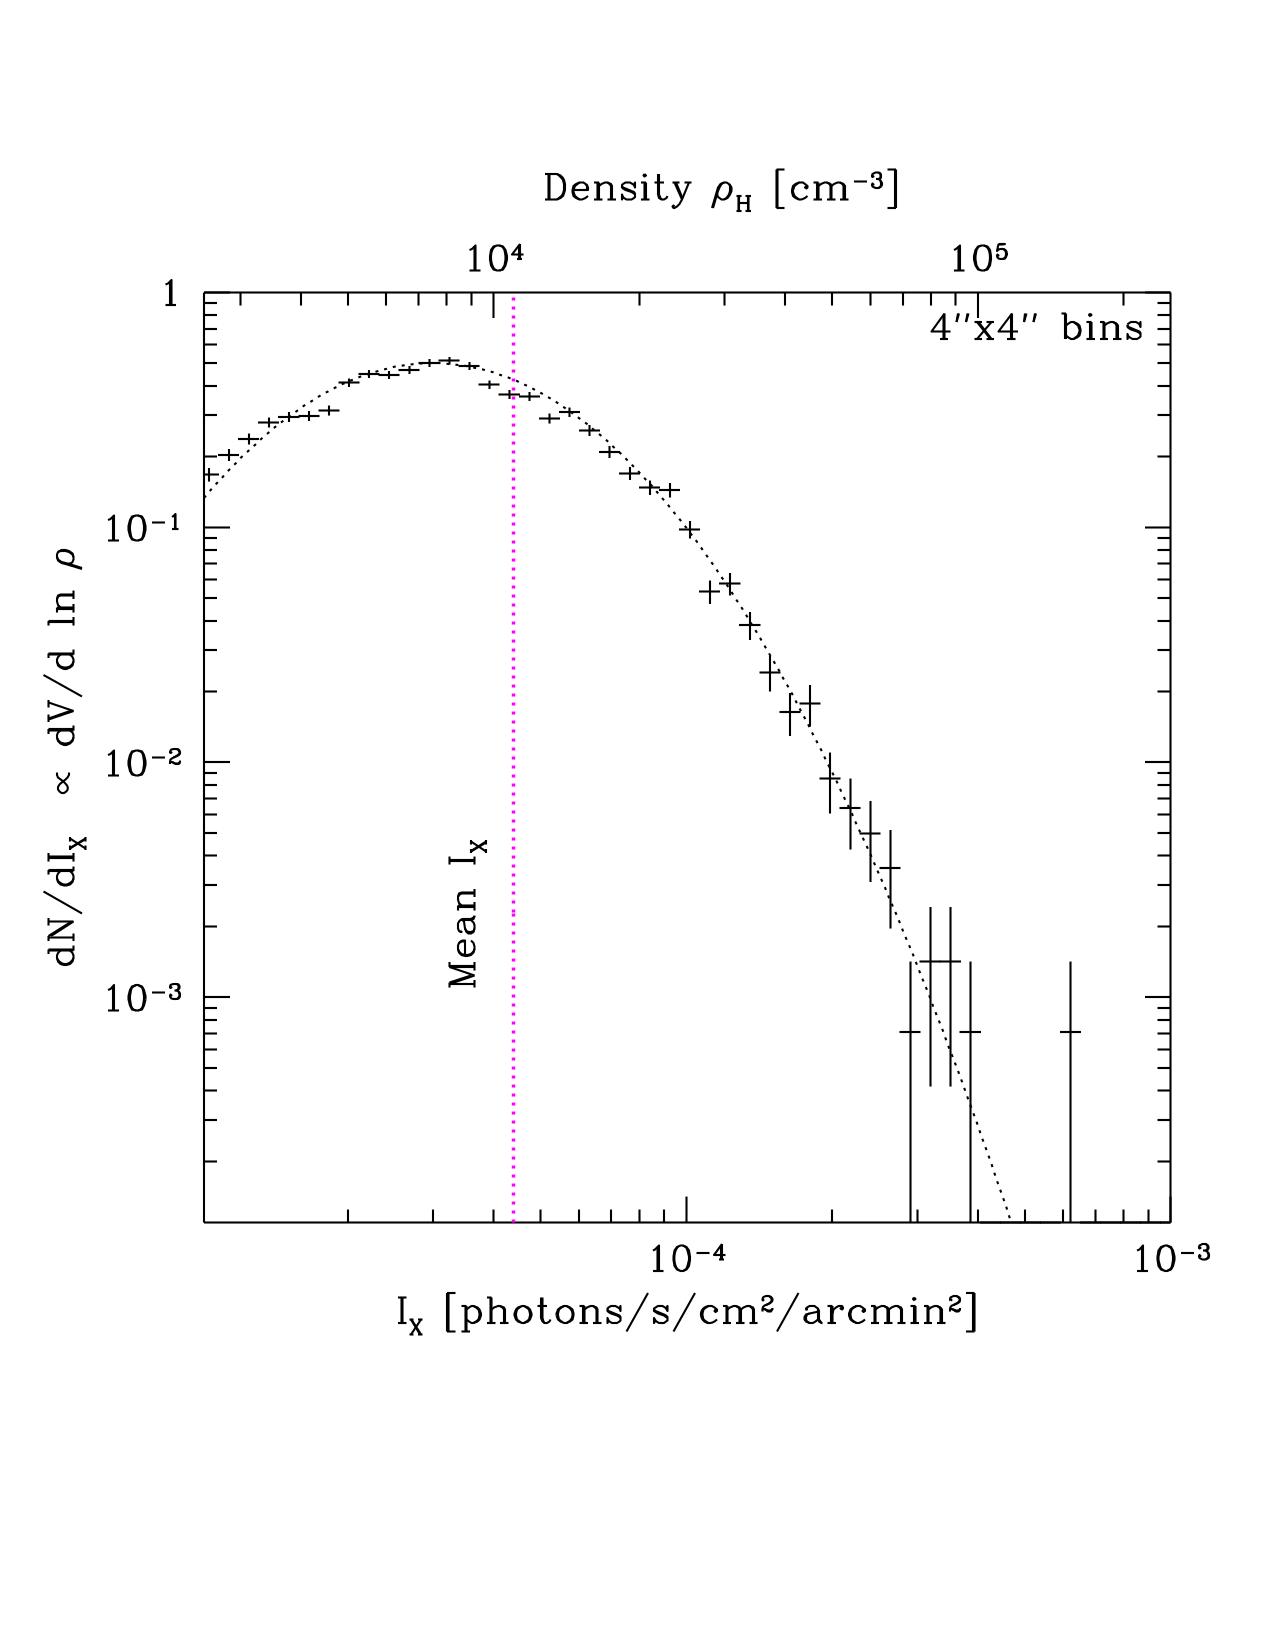 Доля объема, занятая газом с данной плотностью (на масштабах порядка 0.2 пк). Существующие данные пока не позволяют надежно измерить форму этого распределения, но есть надежда провести необходимые наблюдения в ближайшем будущем.